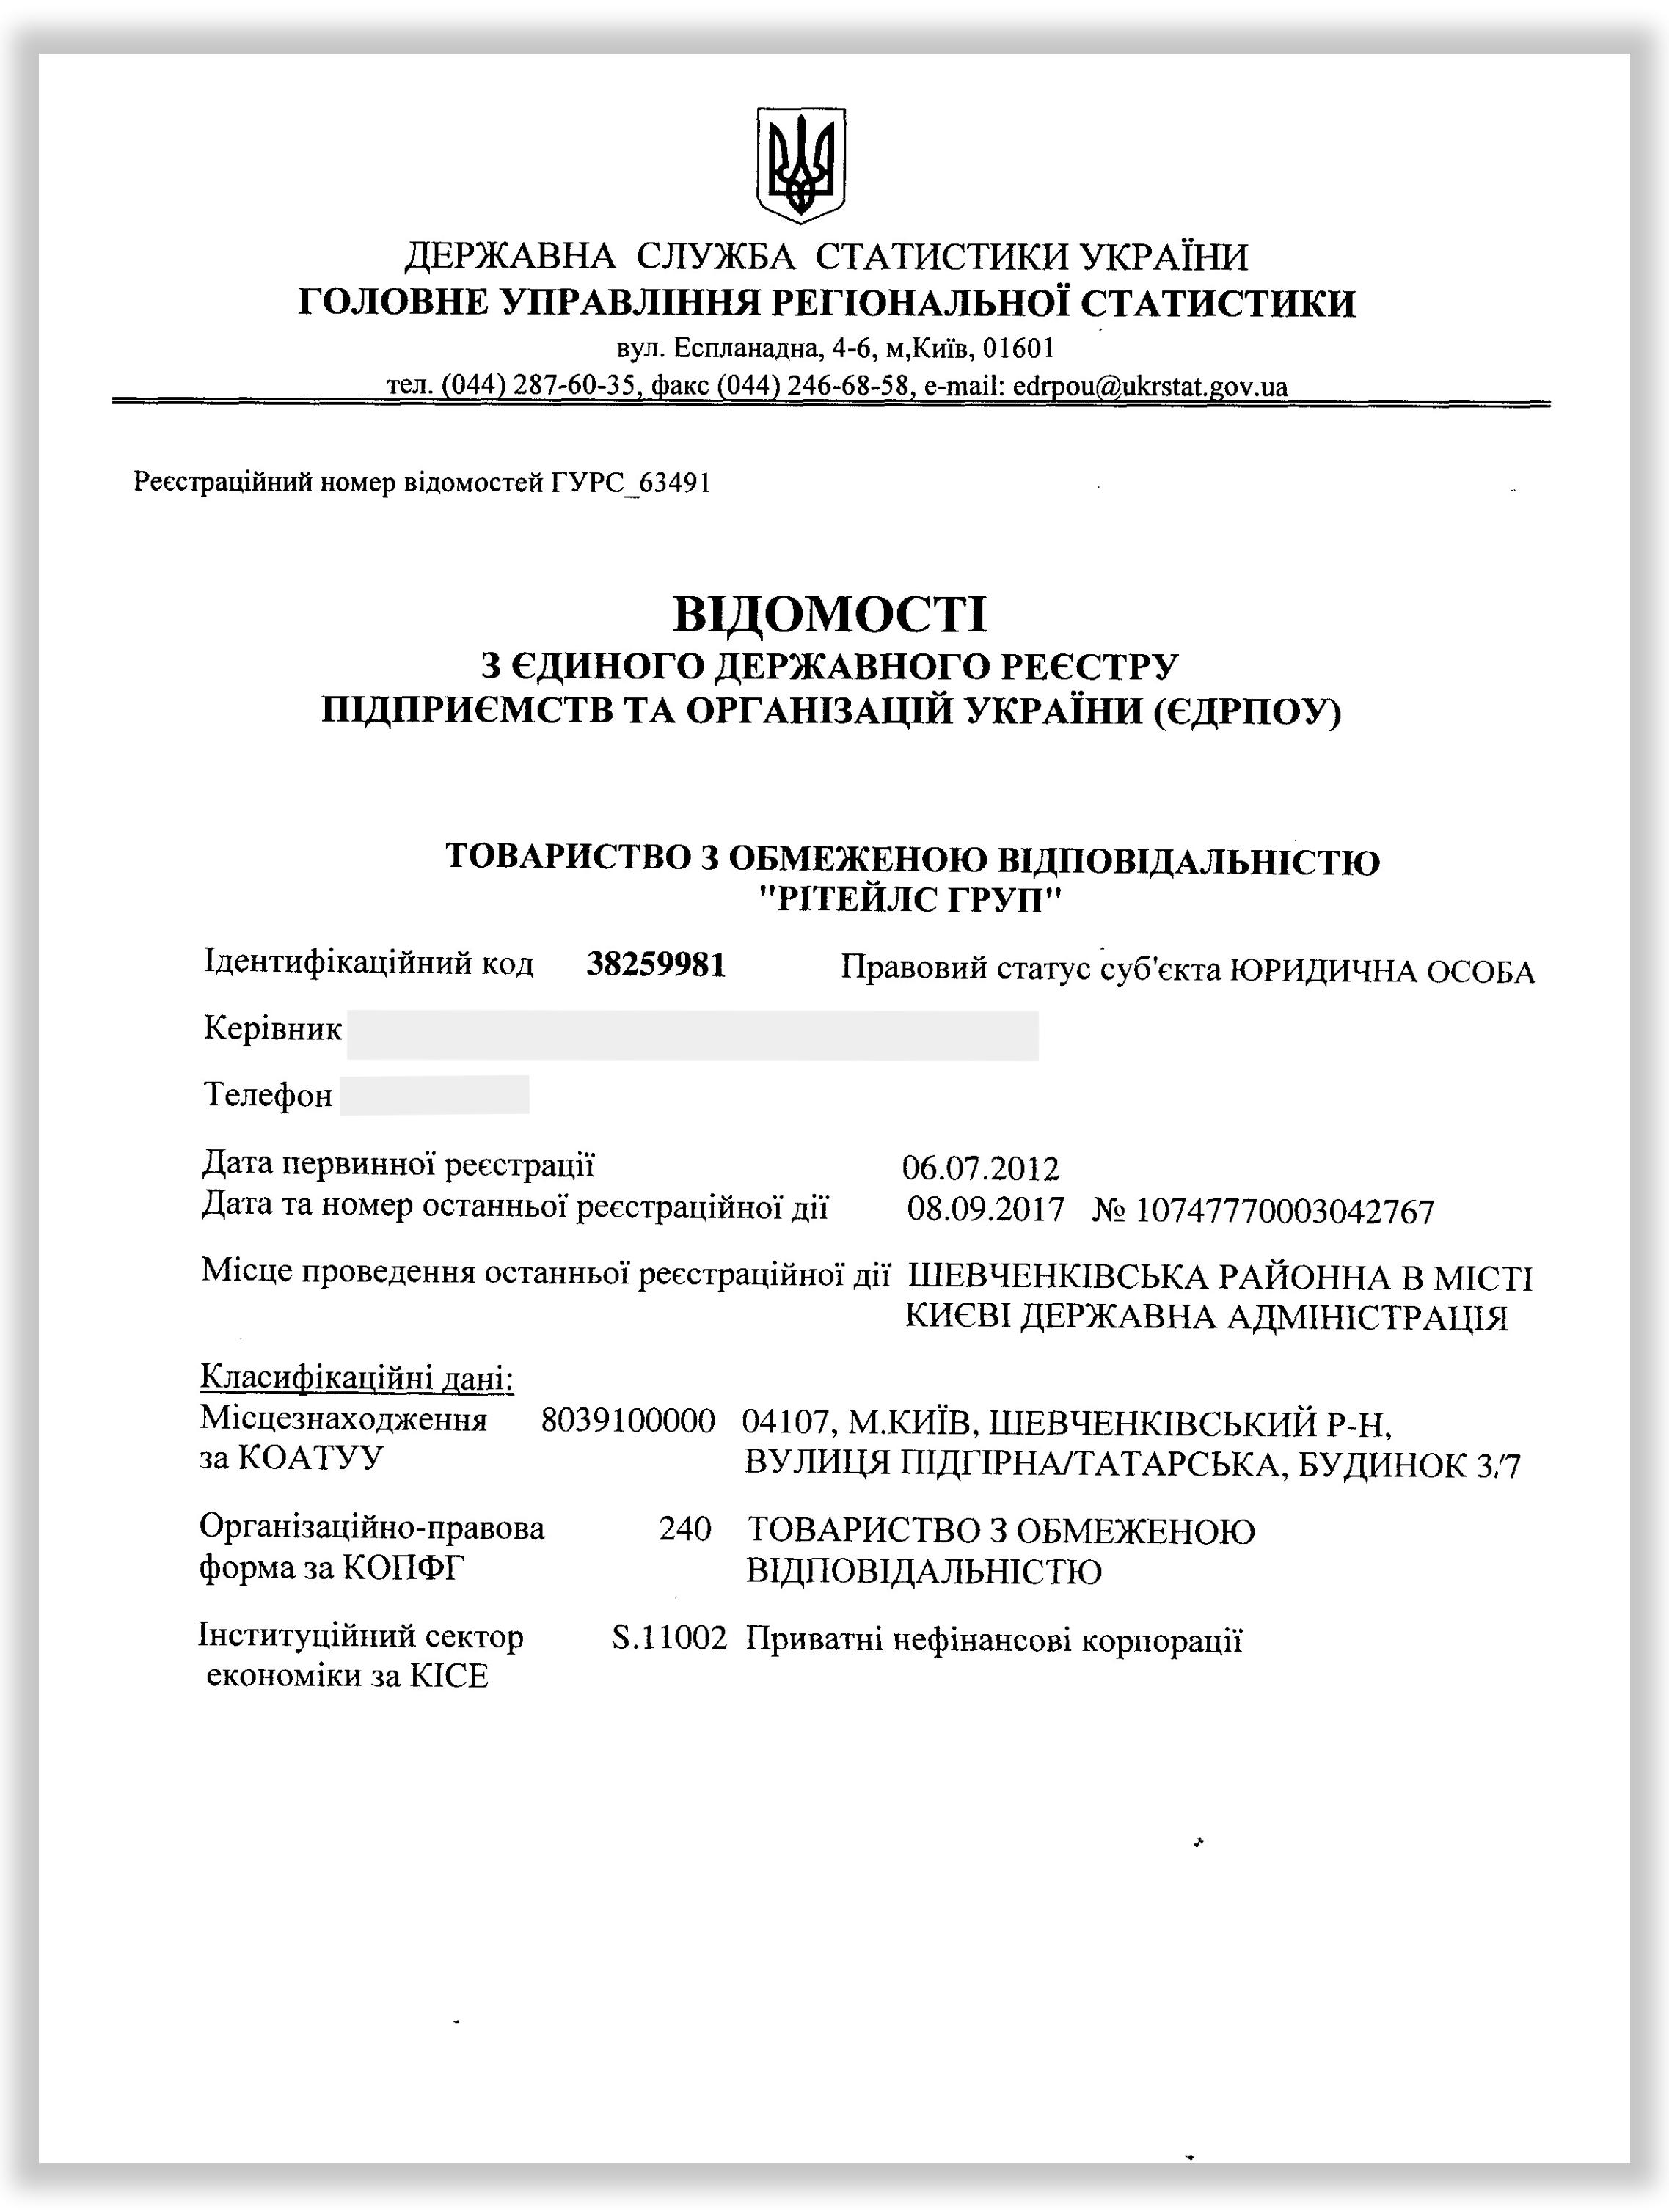 Перевірити ліцензію Eurojob